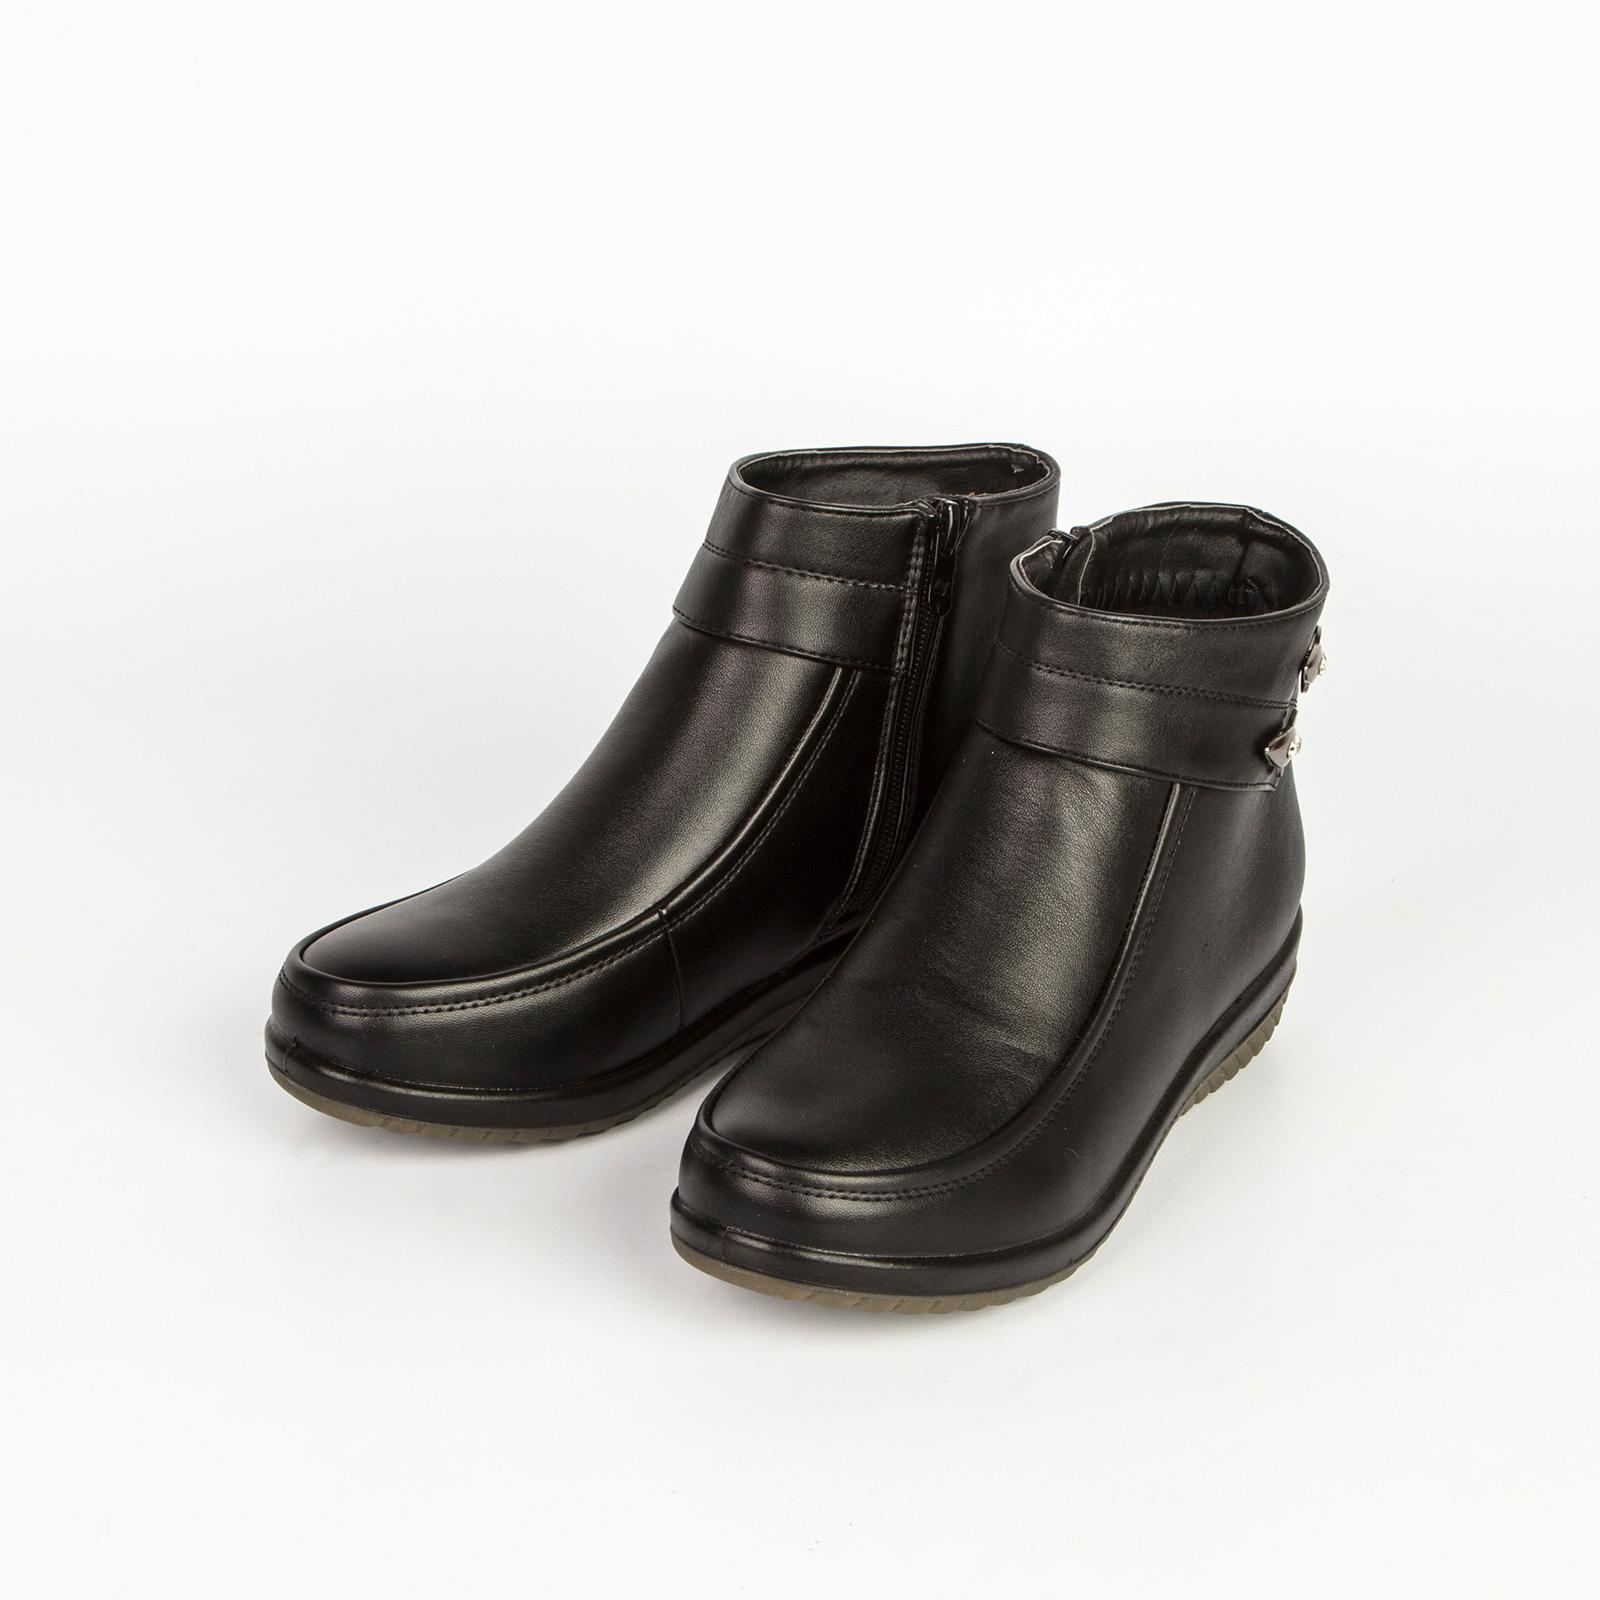 Женские ботинки с рифленой подошвой и заклепками